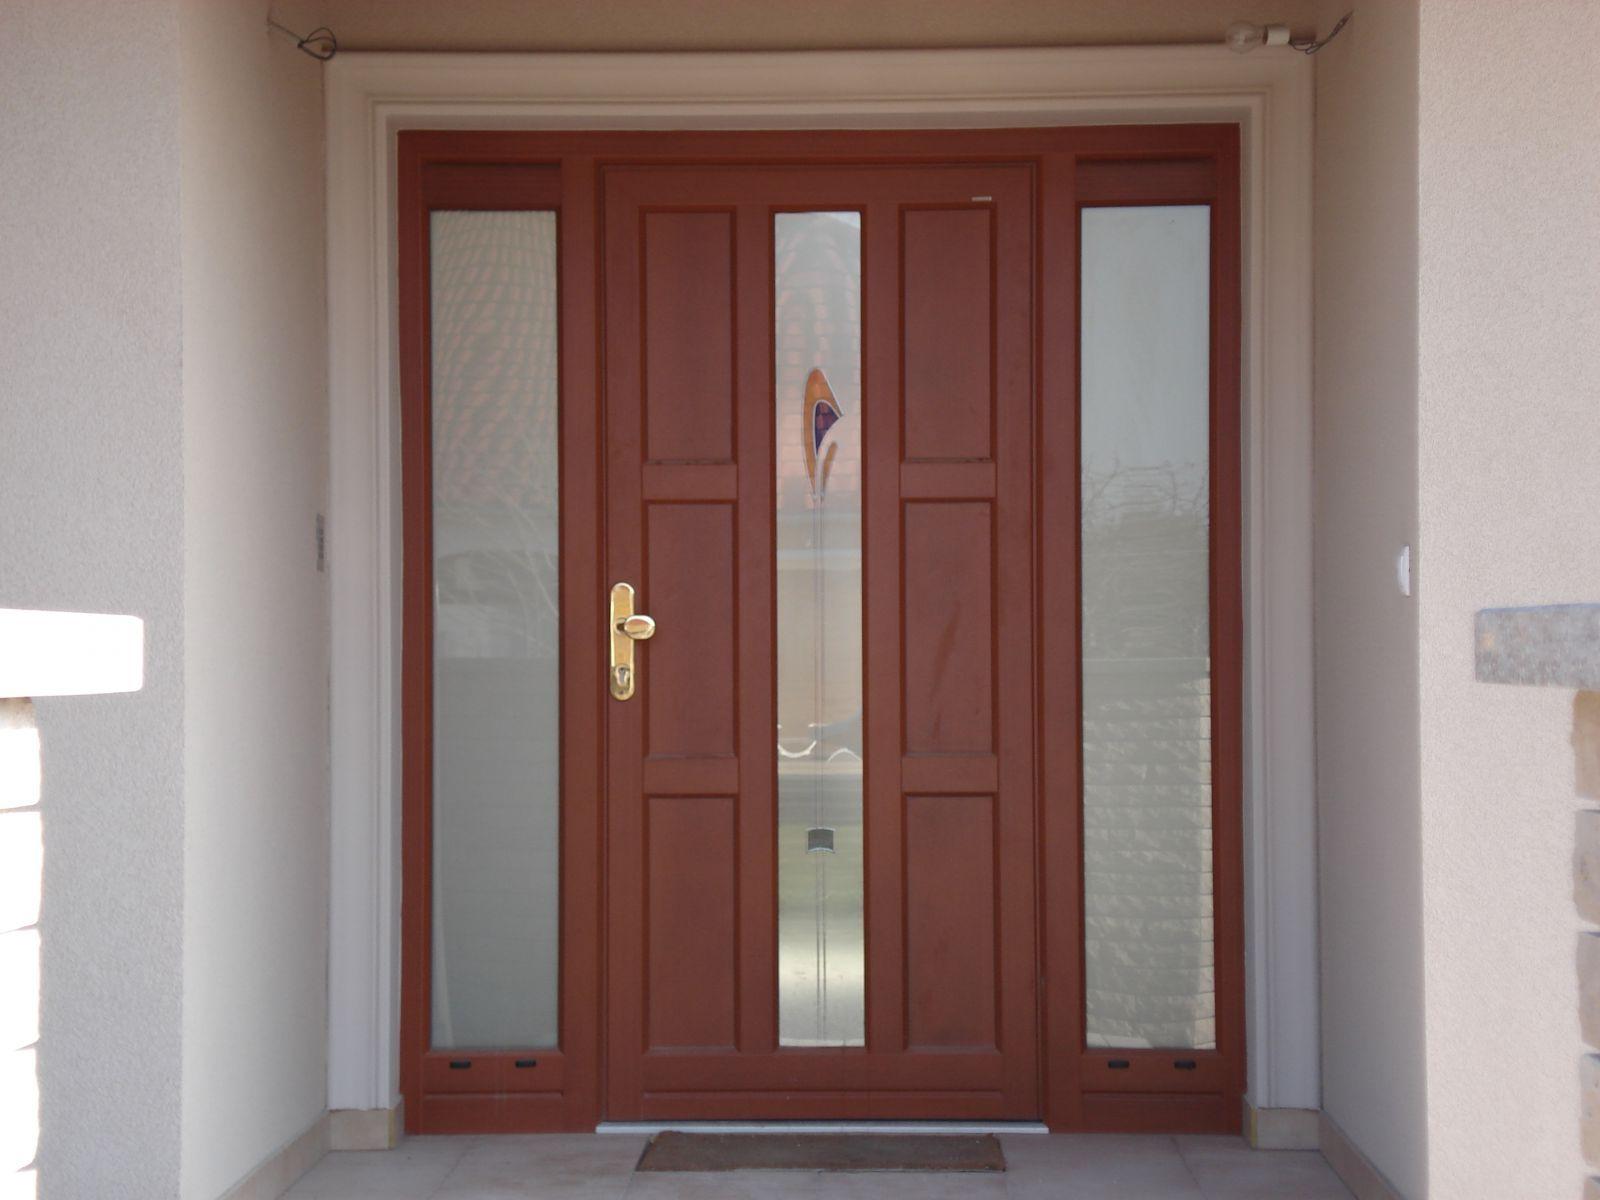 Hasznos tanácsok bejárati ajtó csere előtt